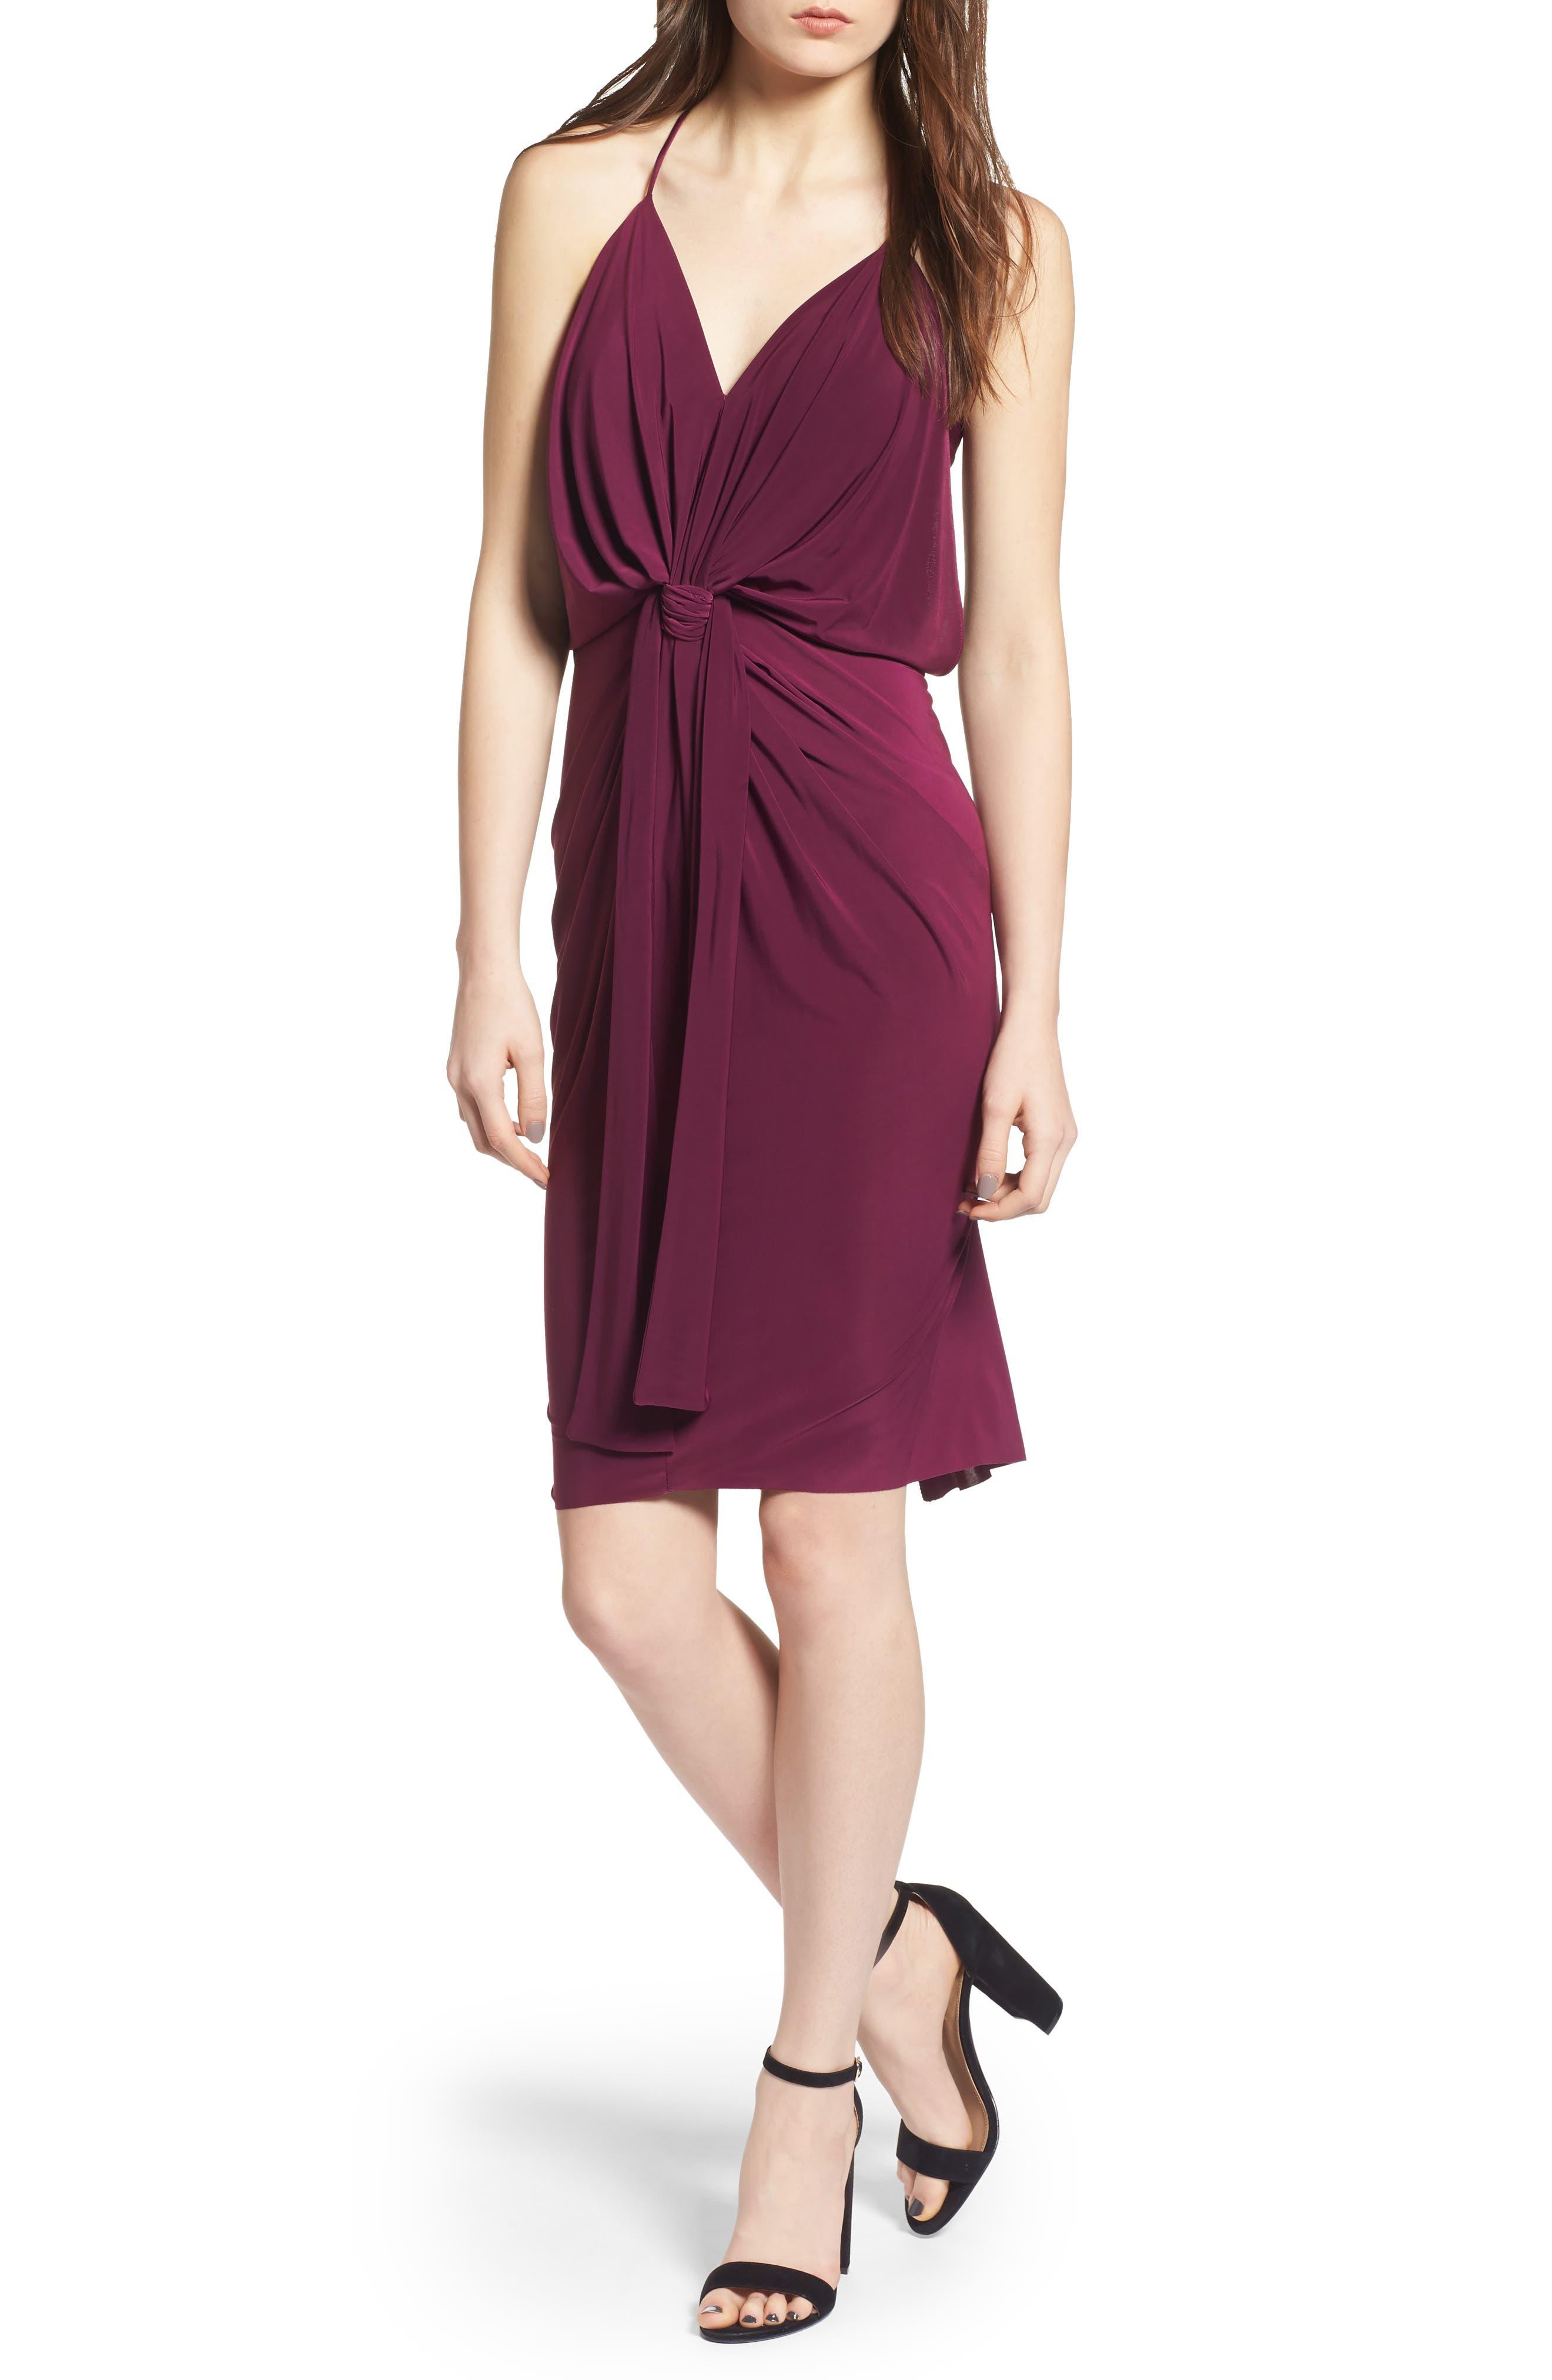 MISA Domino Slinky Jersey Midi Cocktail Dress in Magenta